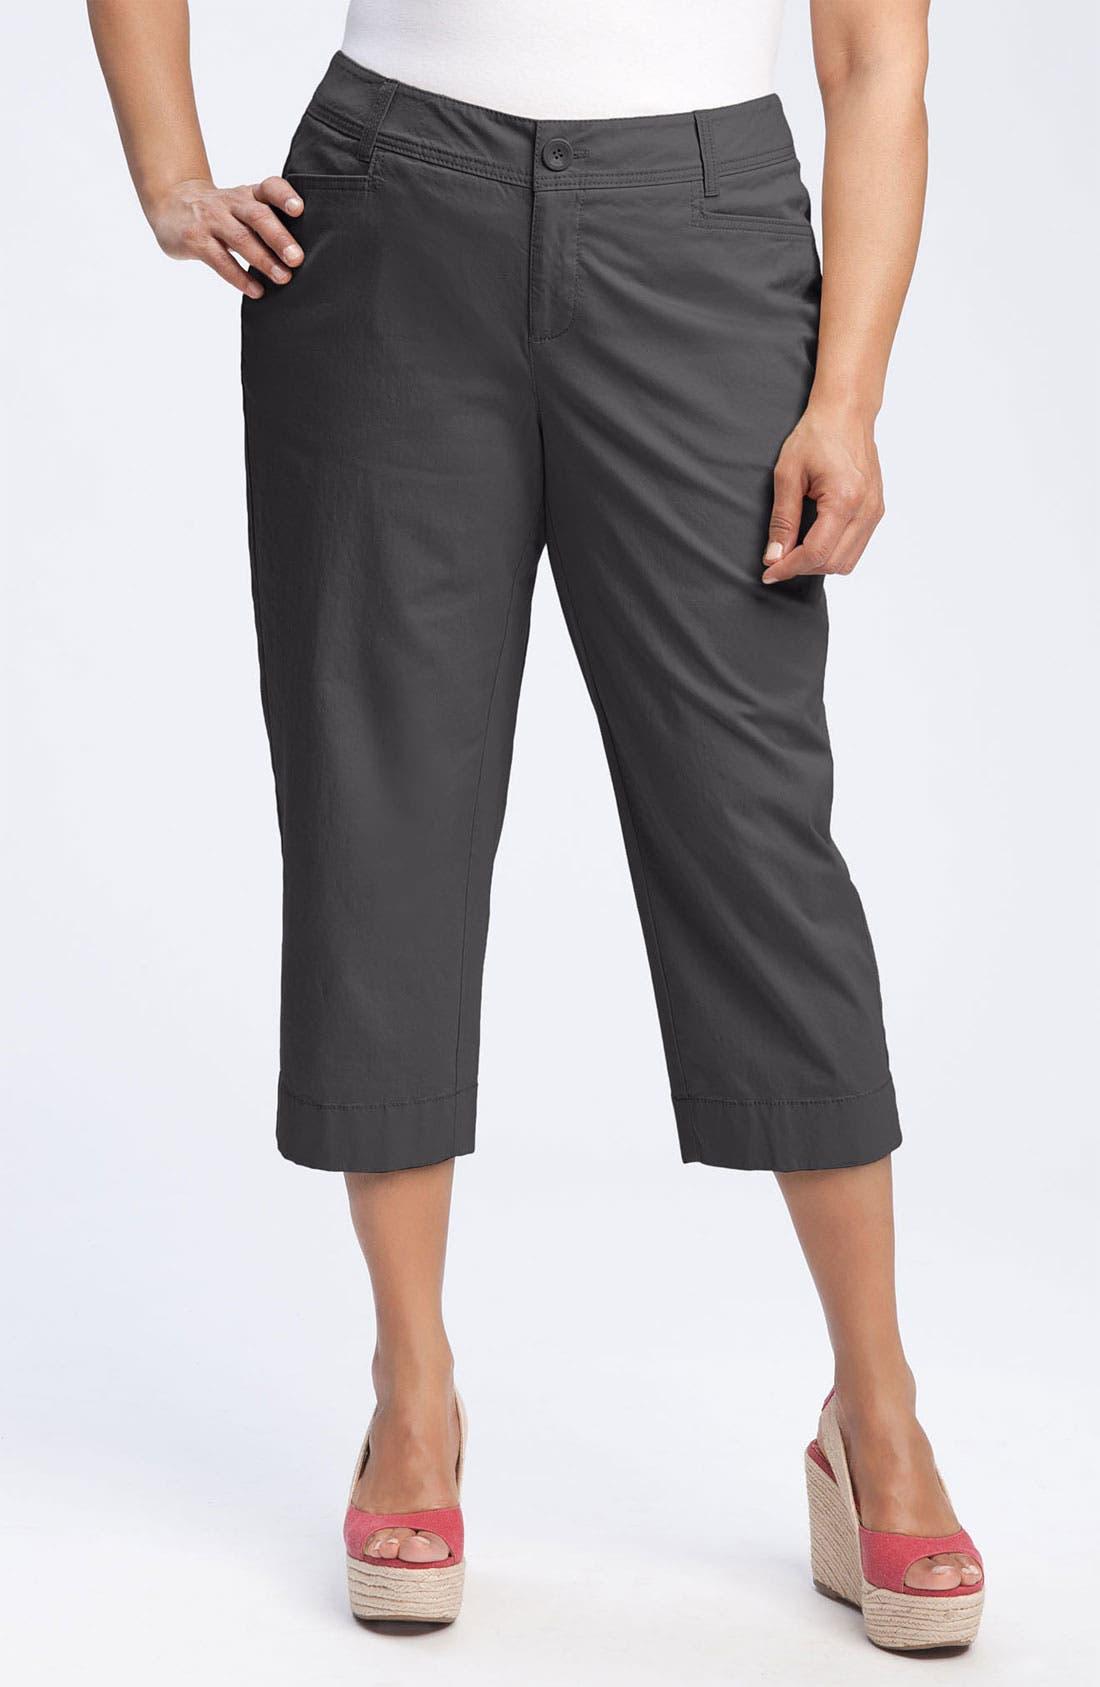 Alternate Image 1 Selected - Sejour 'Megan' Crop Pants (Plus Size)